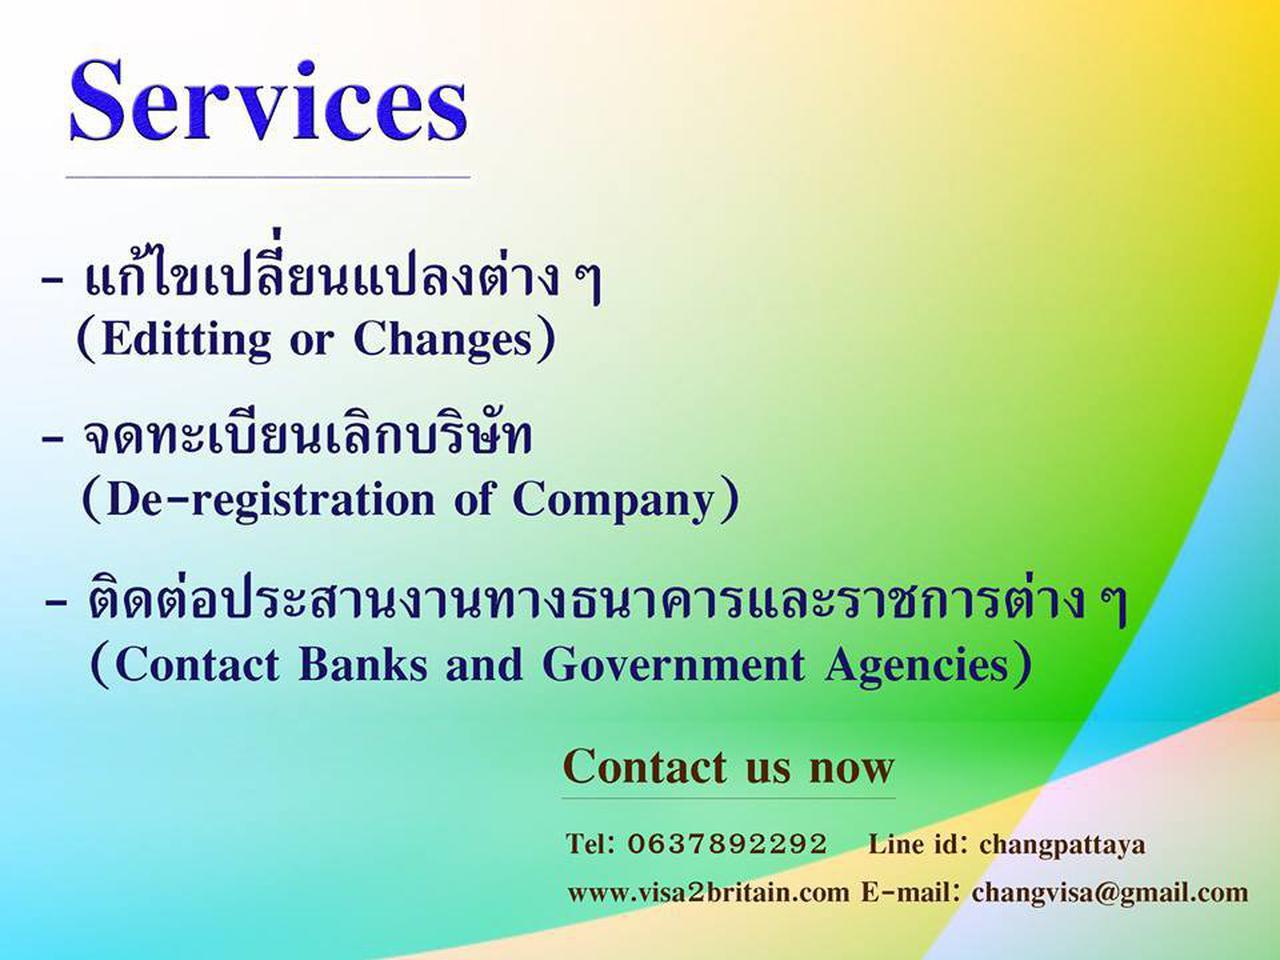 รับปรึกษาและให้บริการด้านวีซ่าทั้งในไทยและทั่วโลก รูปที่ 2